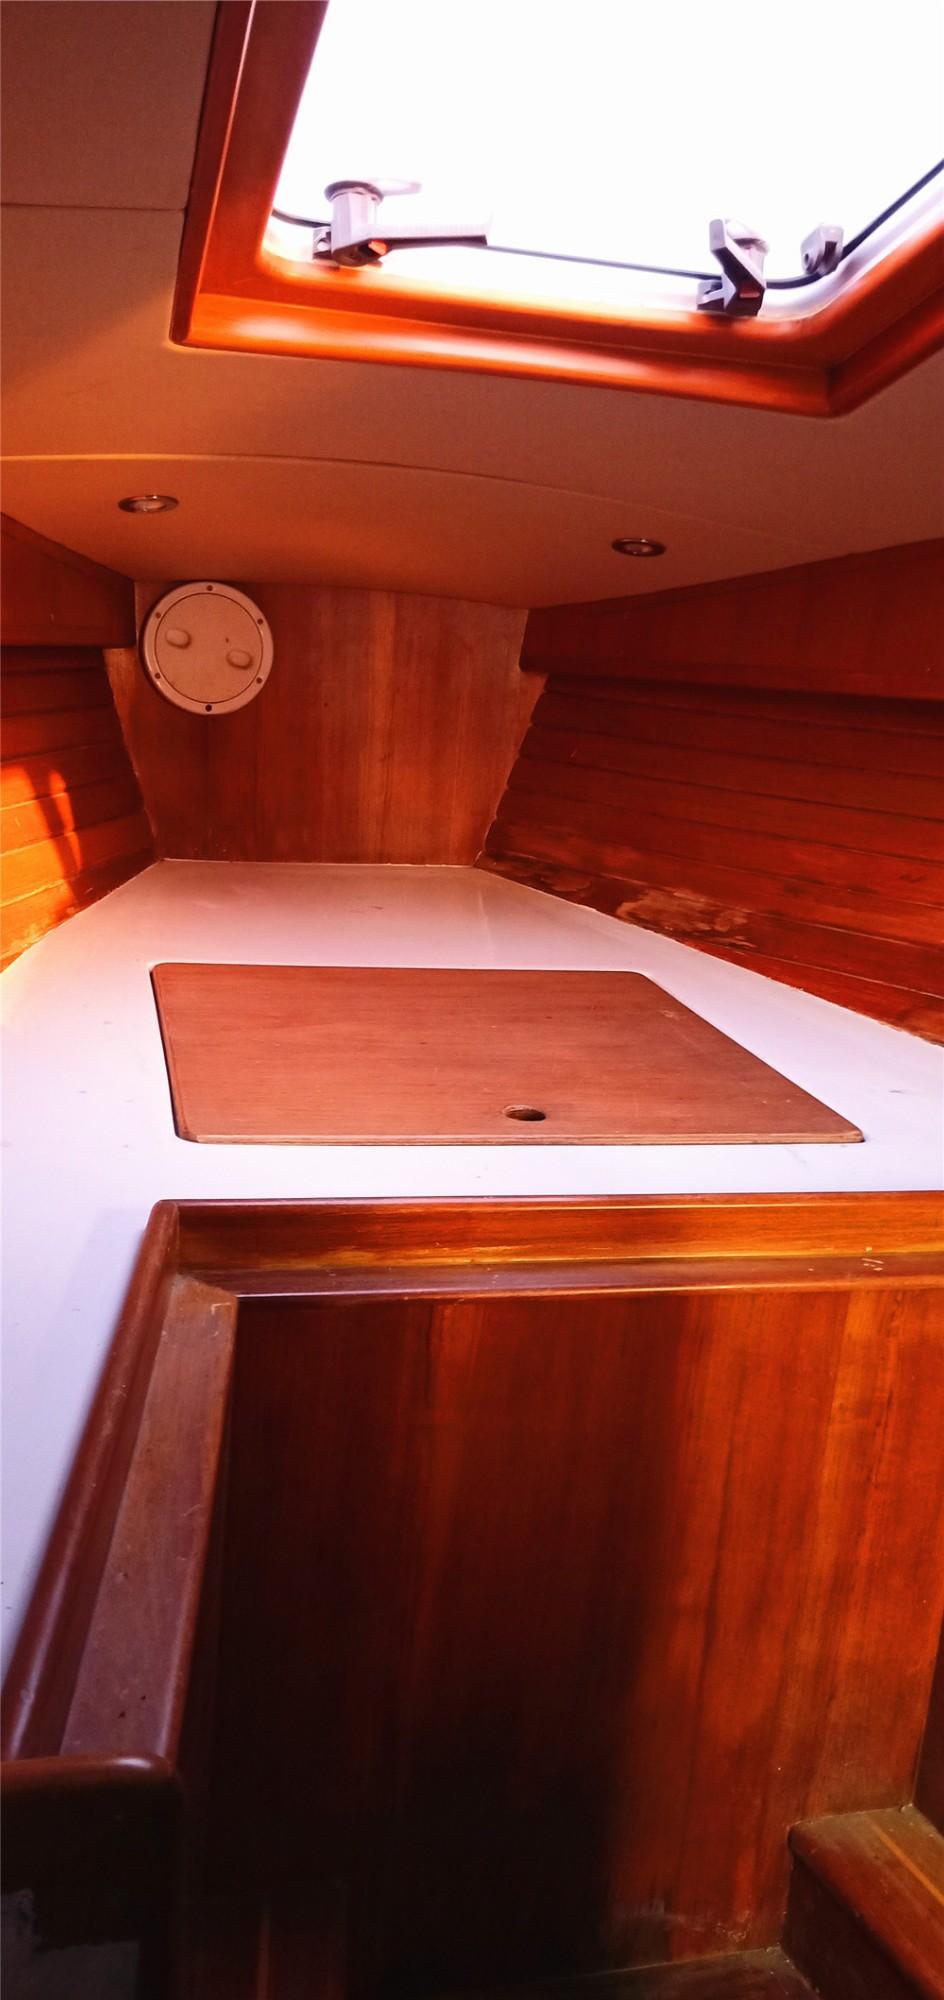 下水,随时,全新,要的,航行 全新二手国产三体29尺帆船 舱室2 223339c2b6kbvwb63kbn1u